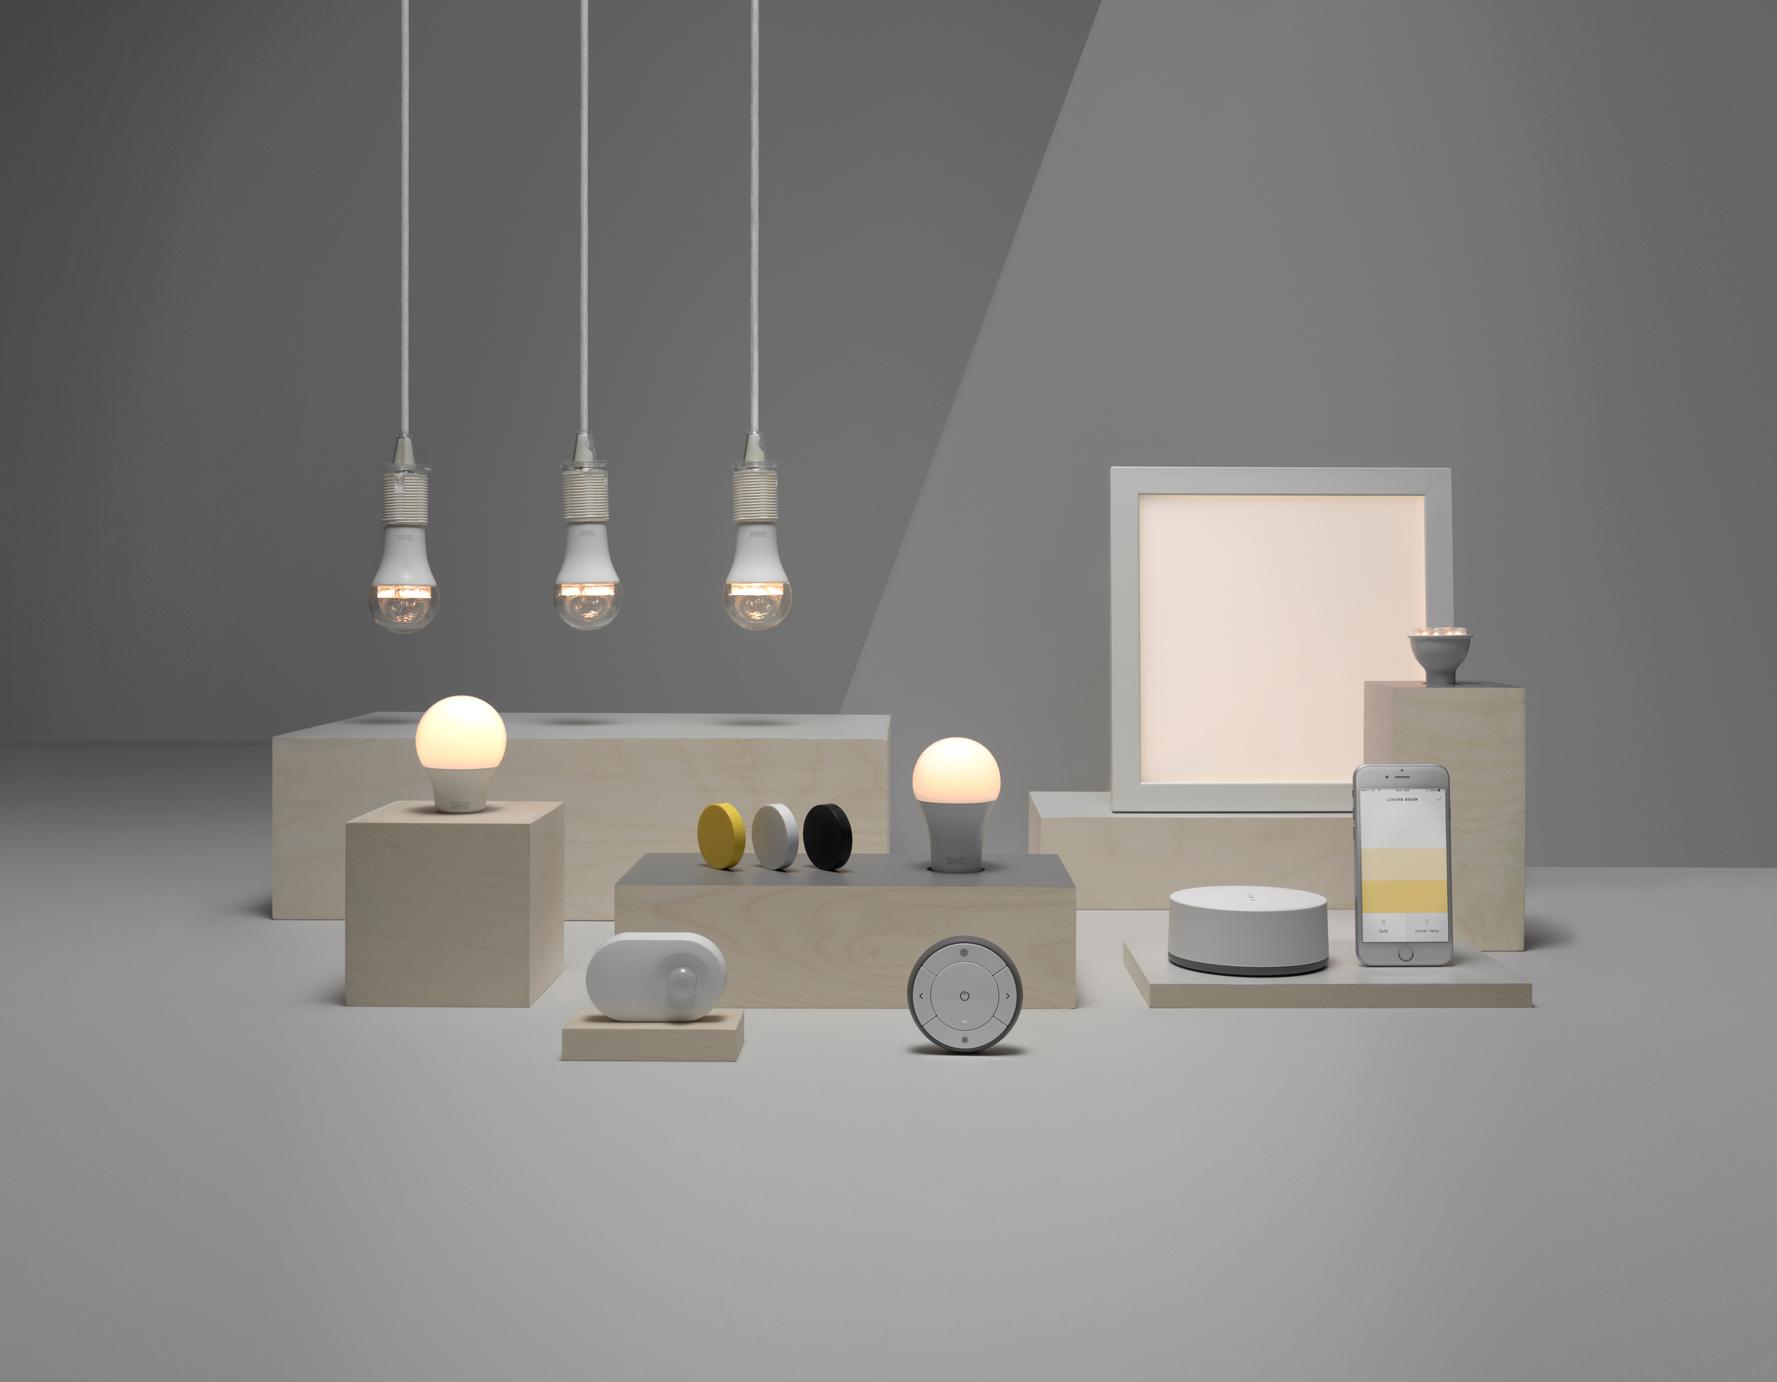 Ikea y la nueva iluminaci n para casas inteligentes - Comprar en ikea desde casa ...